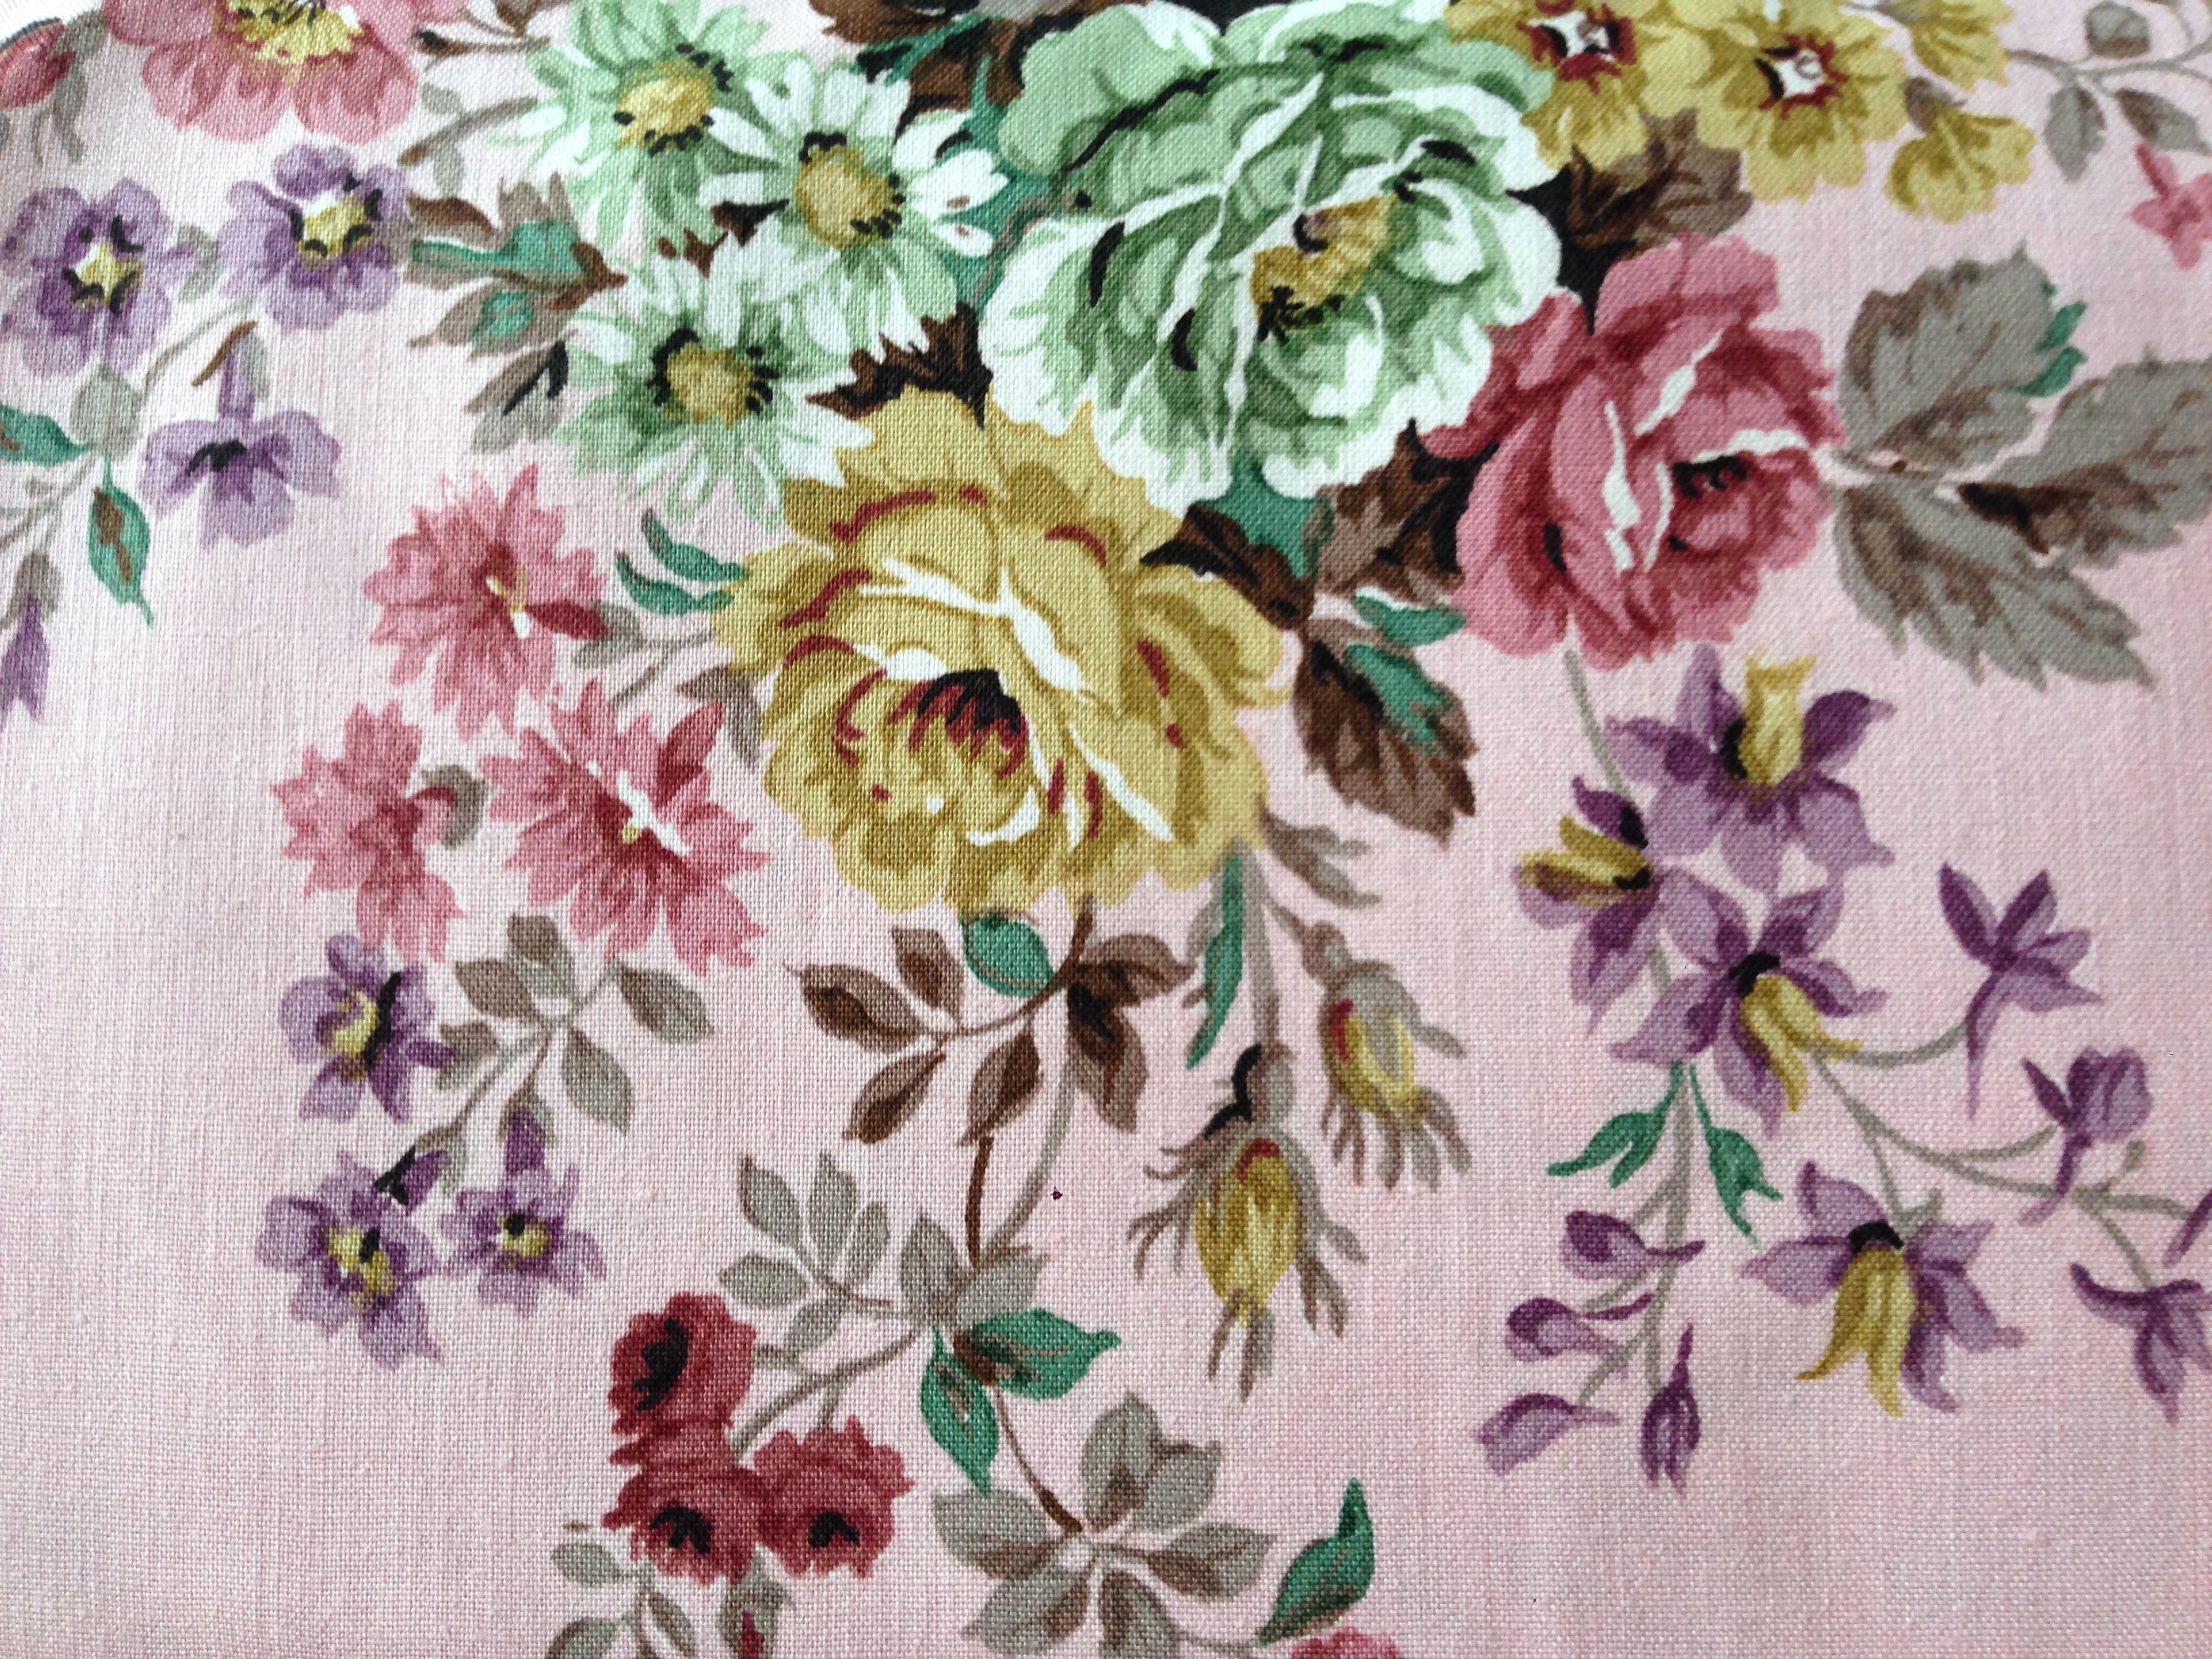 Img 9484 Jpg 3 264 2 448 Pixels Vintage Flowers Wallpaper